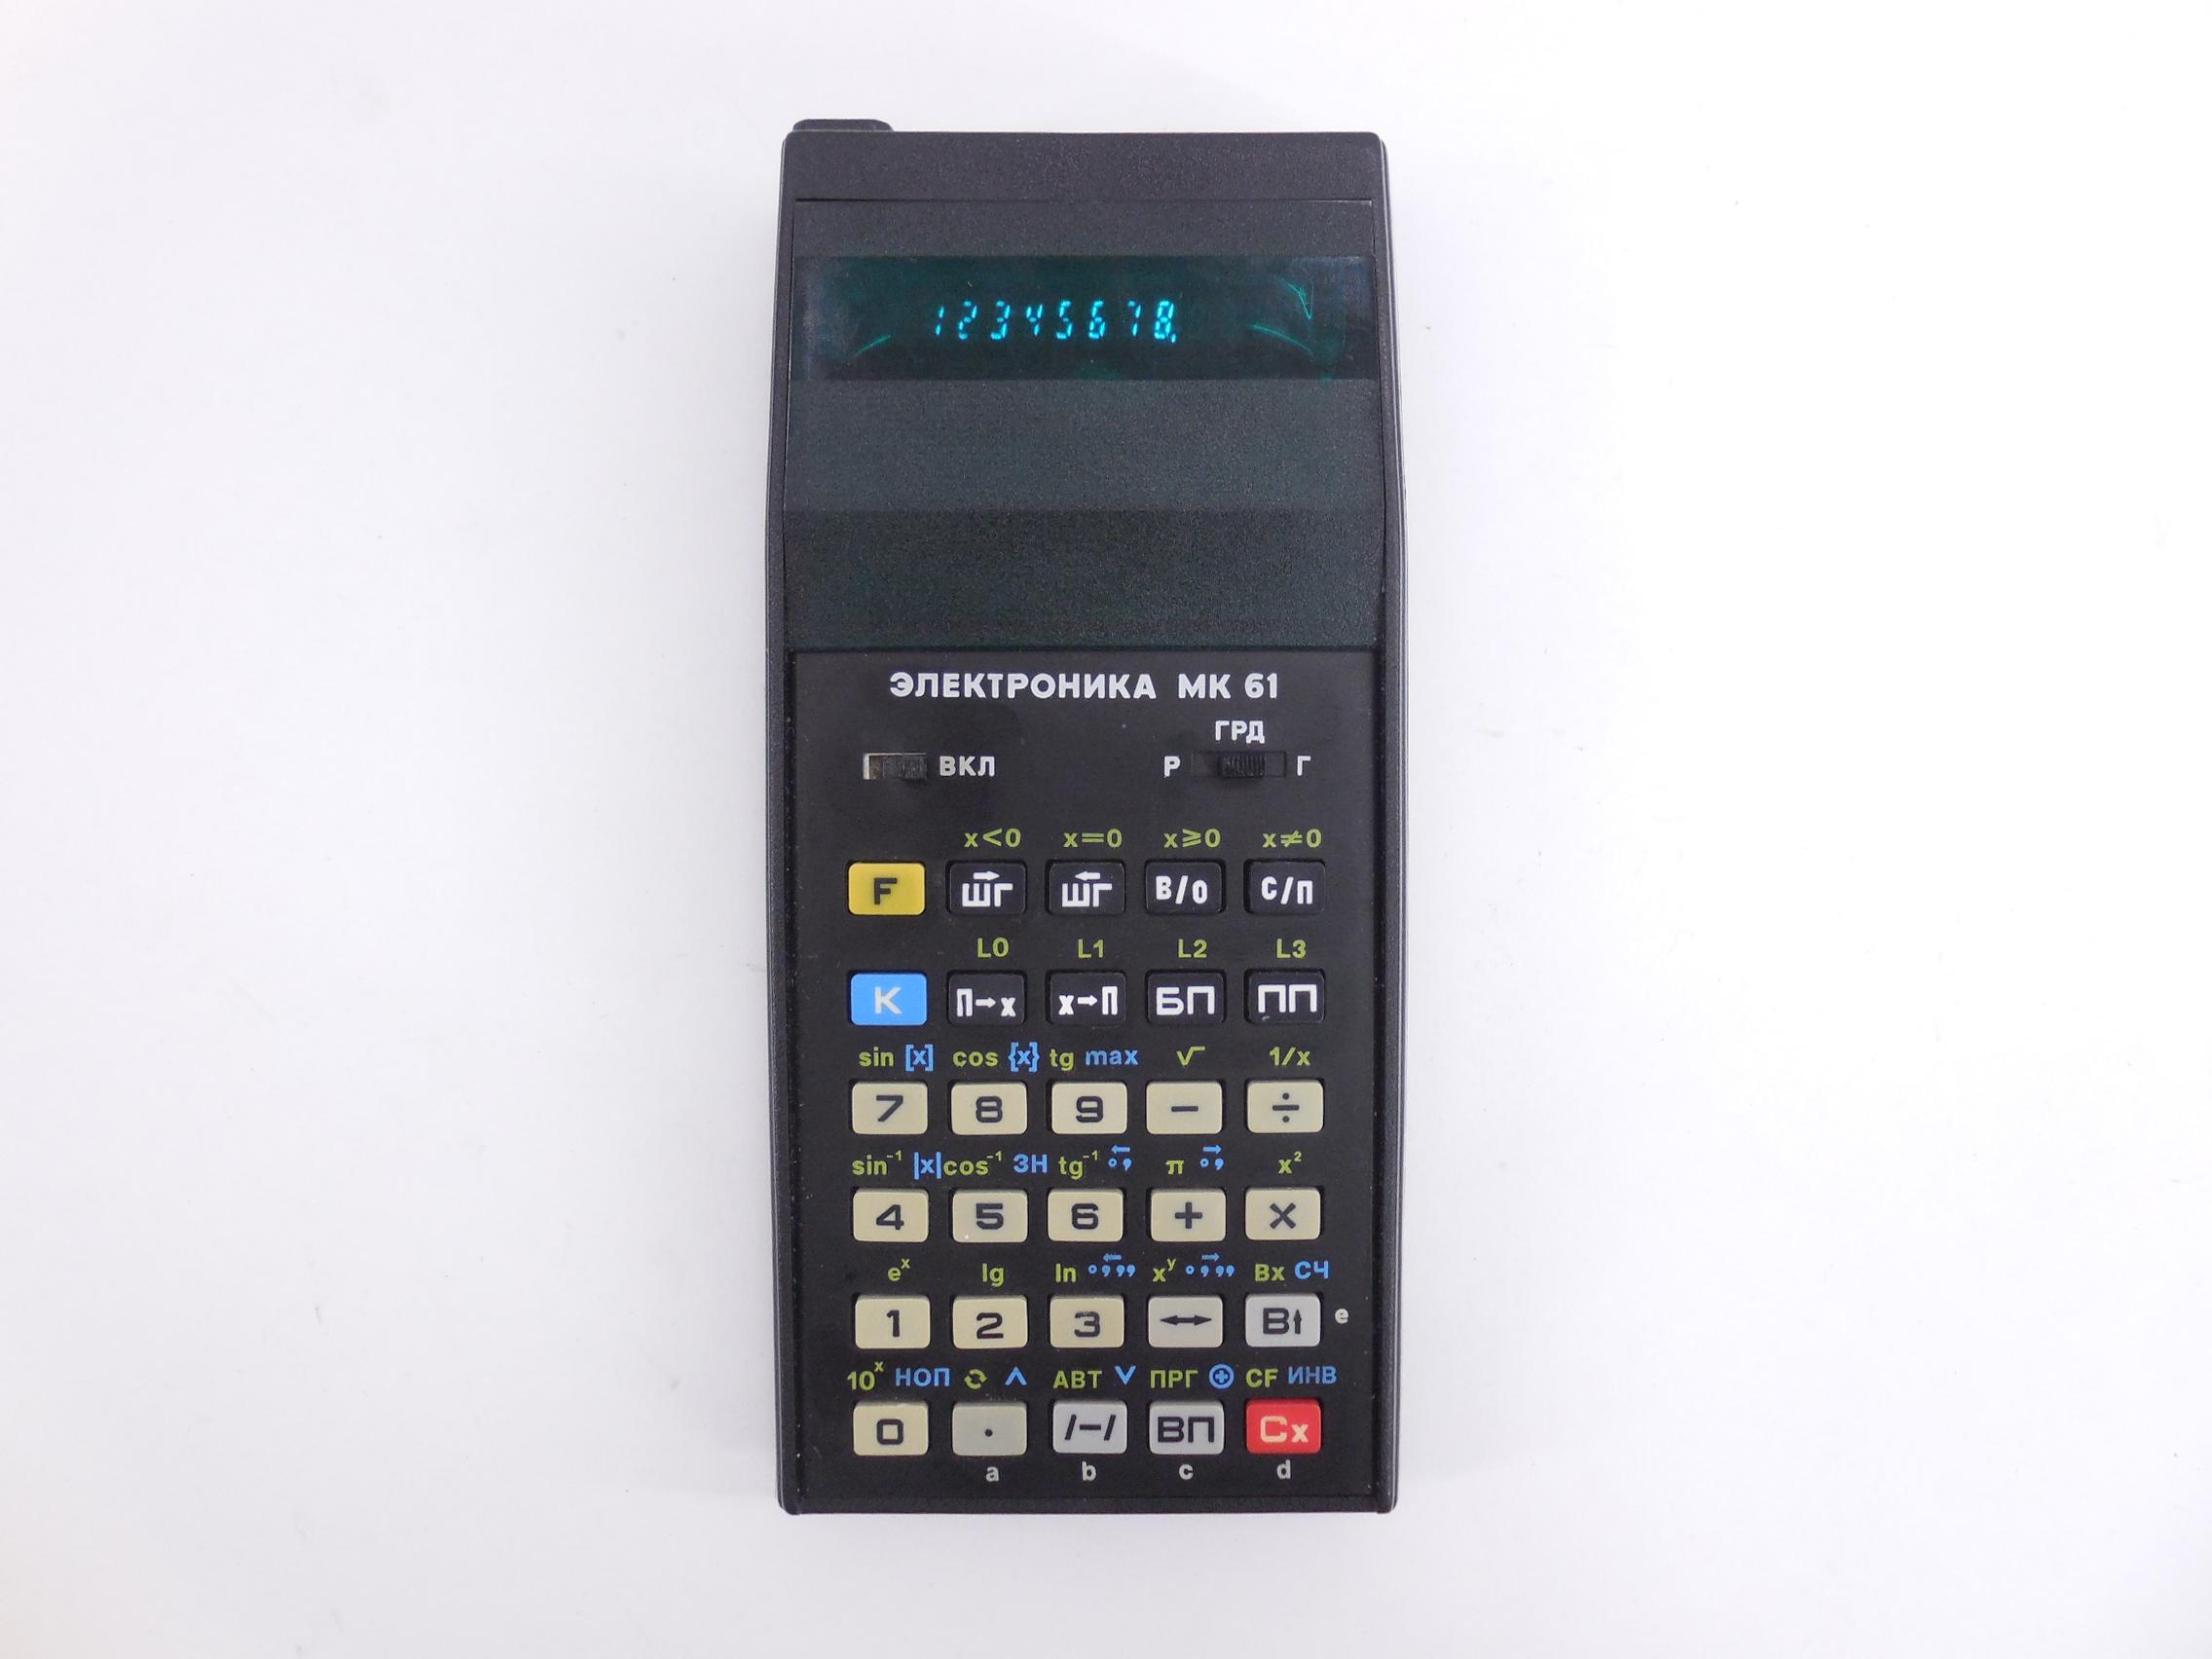 1079274.jpg